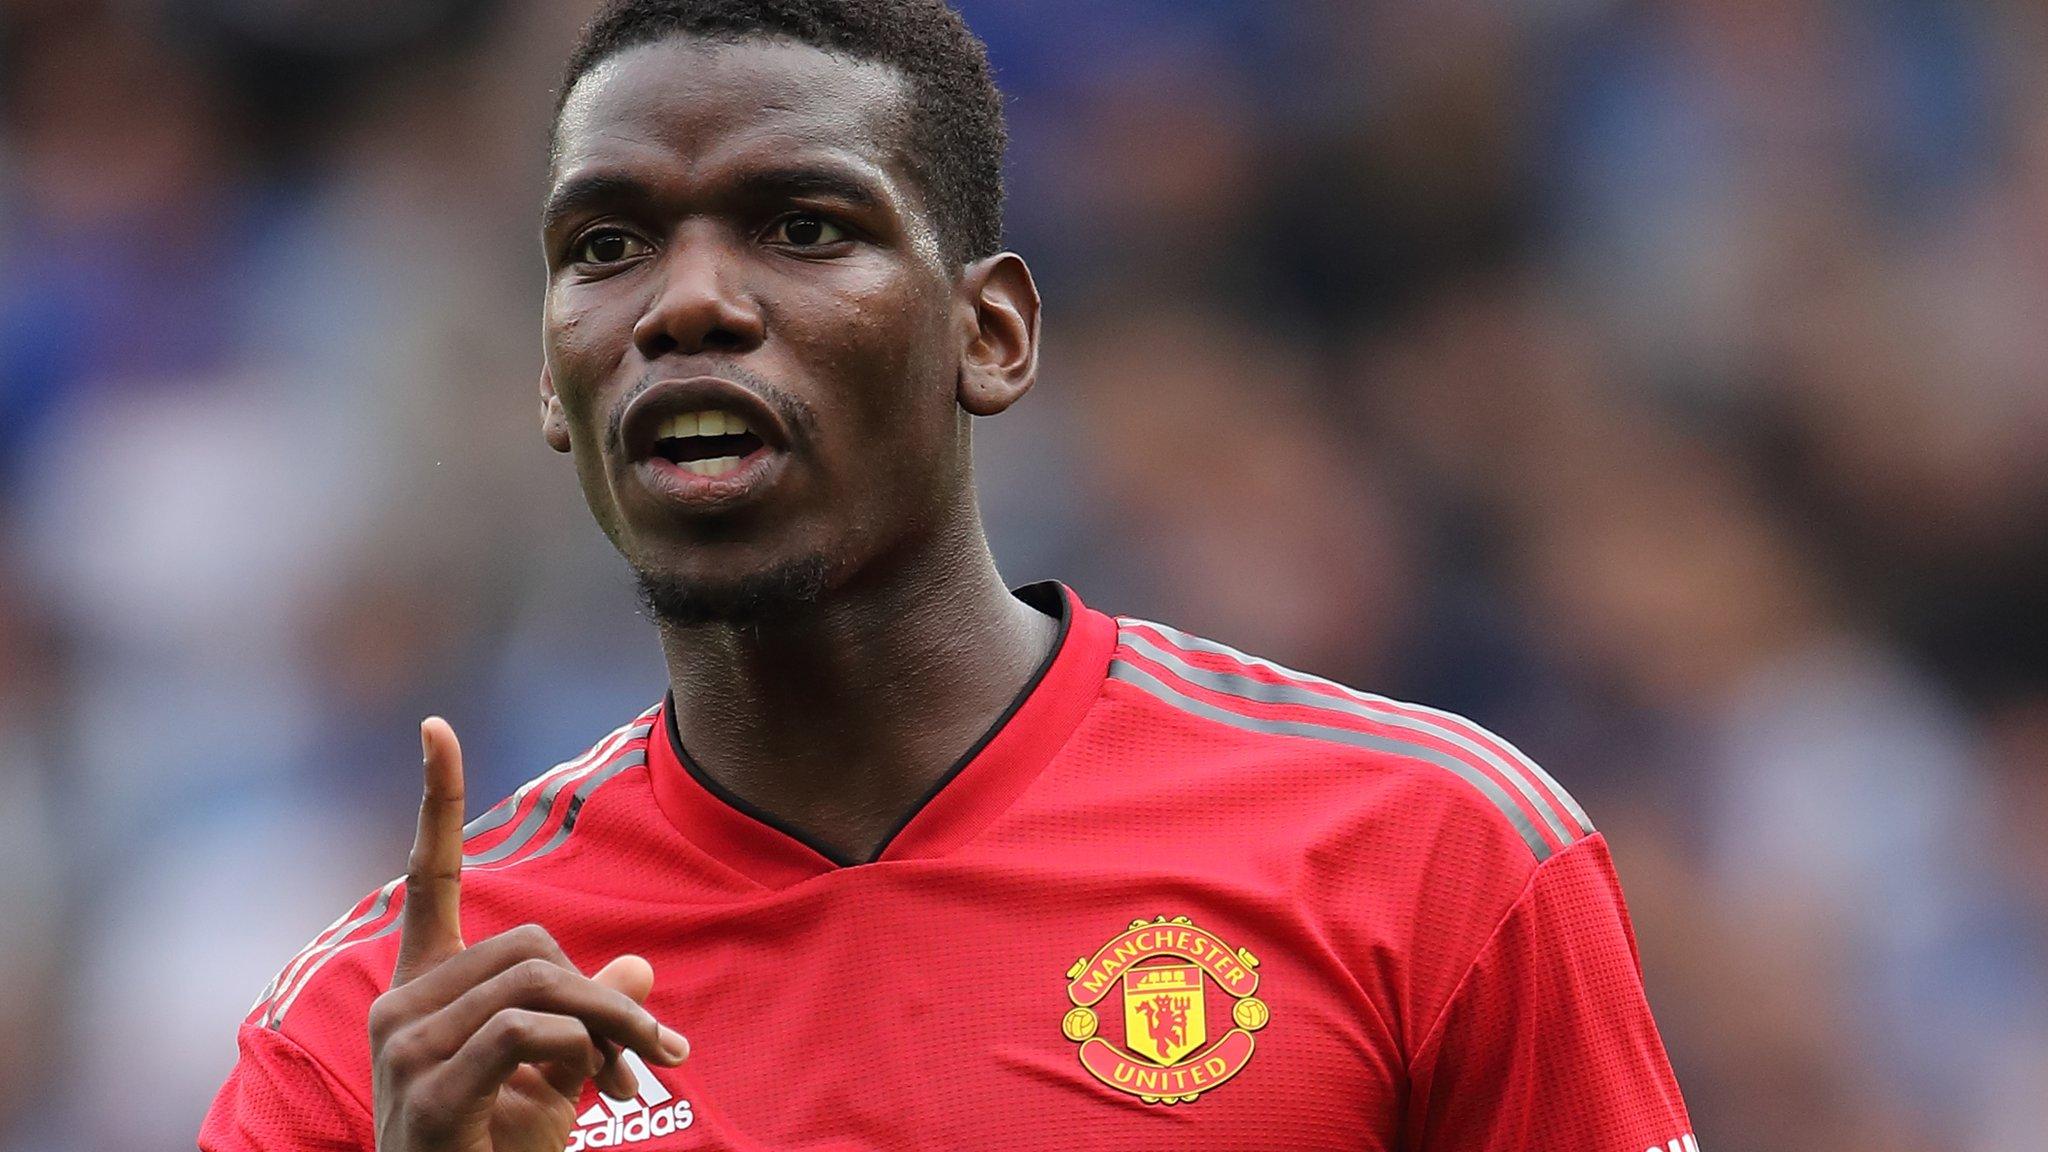 Man Utd: Paul Pogba's agent Mino Raiola criticises Paul Scholes